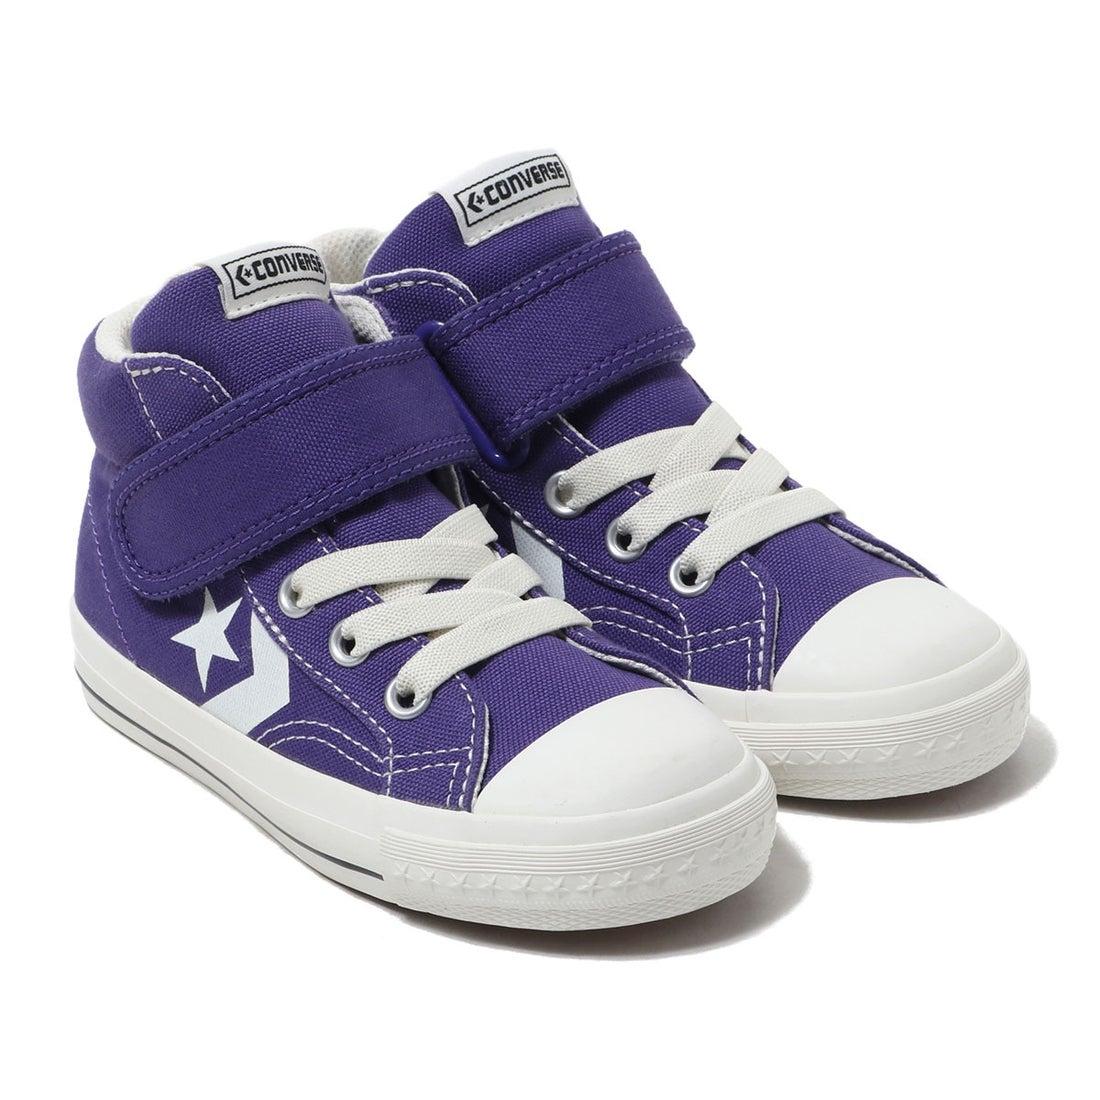 ロコンド 靴とファッションの通販サイトコンバース CONVERSE CONVERSE KIDS CX-PRO SK V-1 MID (PURPLE)